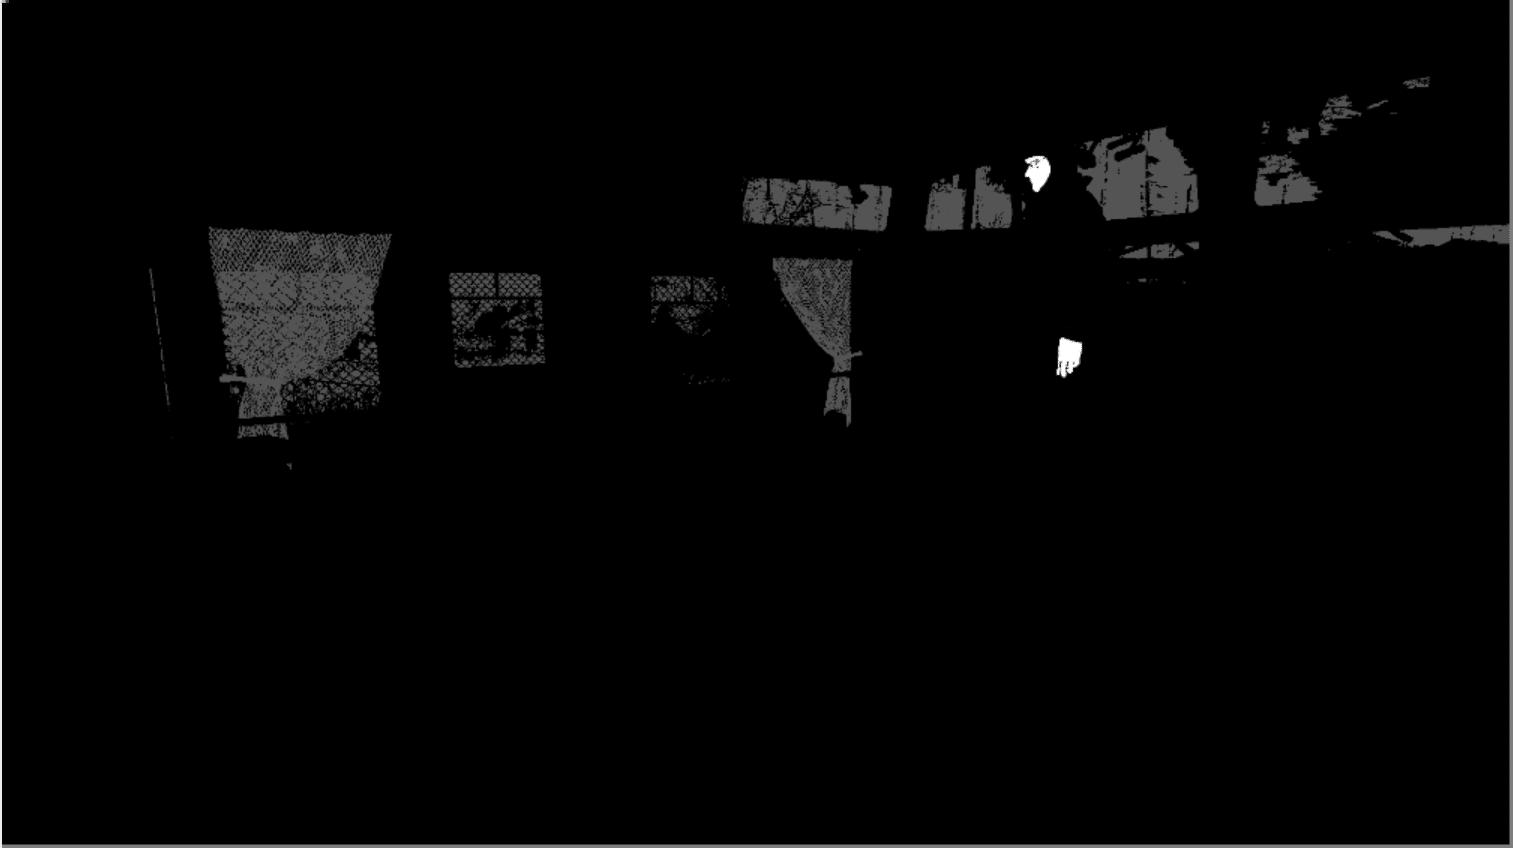 Особенности рендеринга в игре Metro: Exodus c raytracing - 6